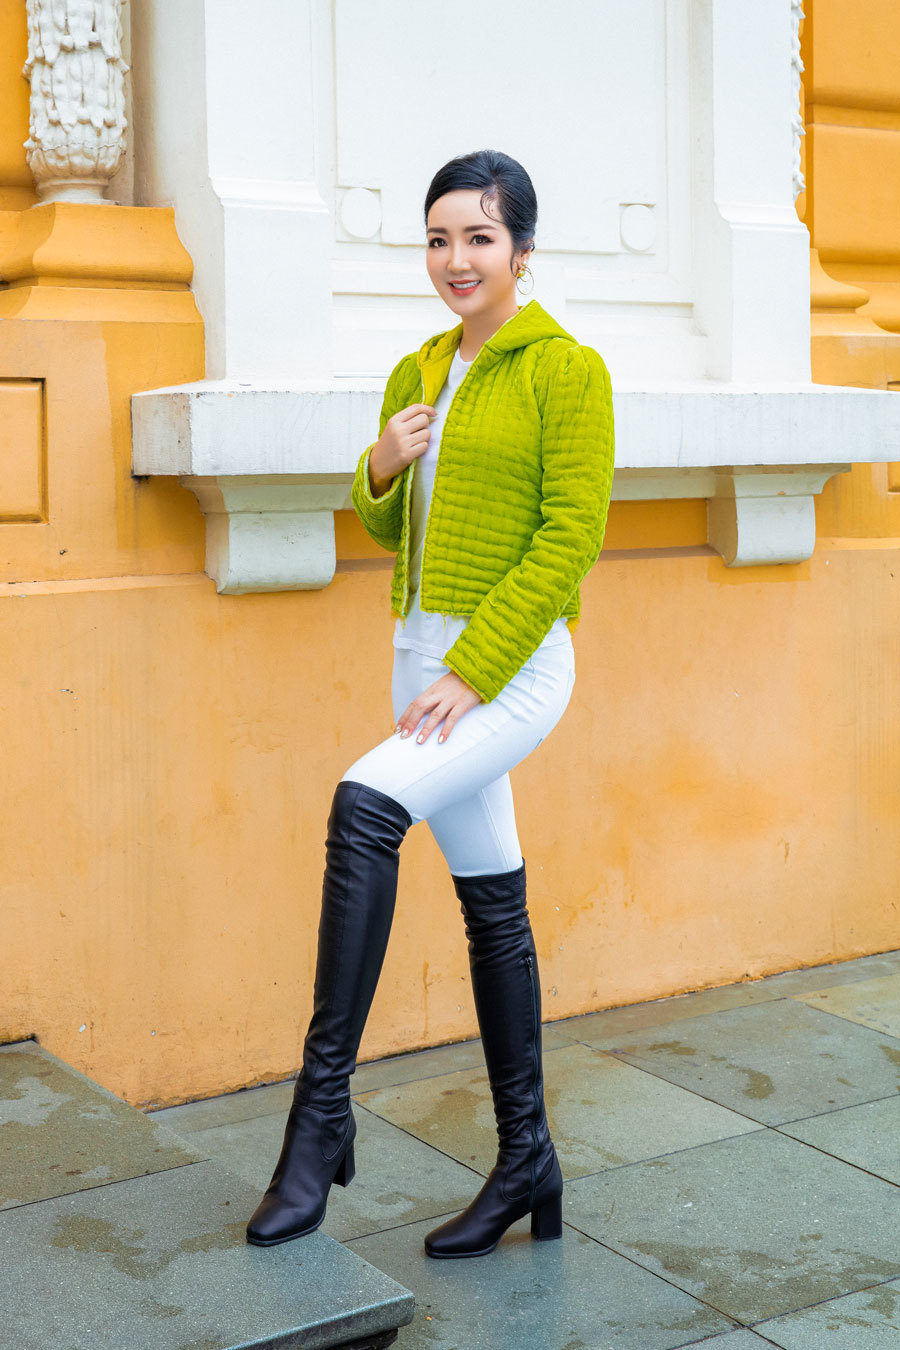 Hoa hậu đền Hùng Giáng My trẻ trung ở tuổi U50